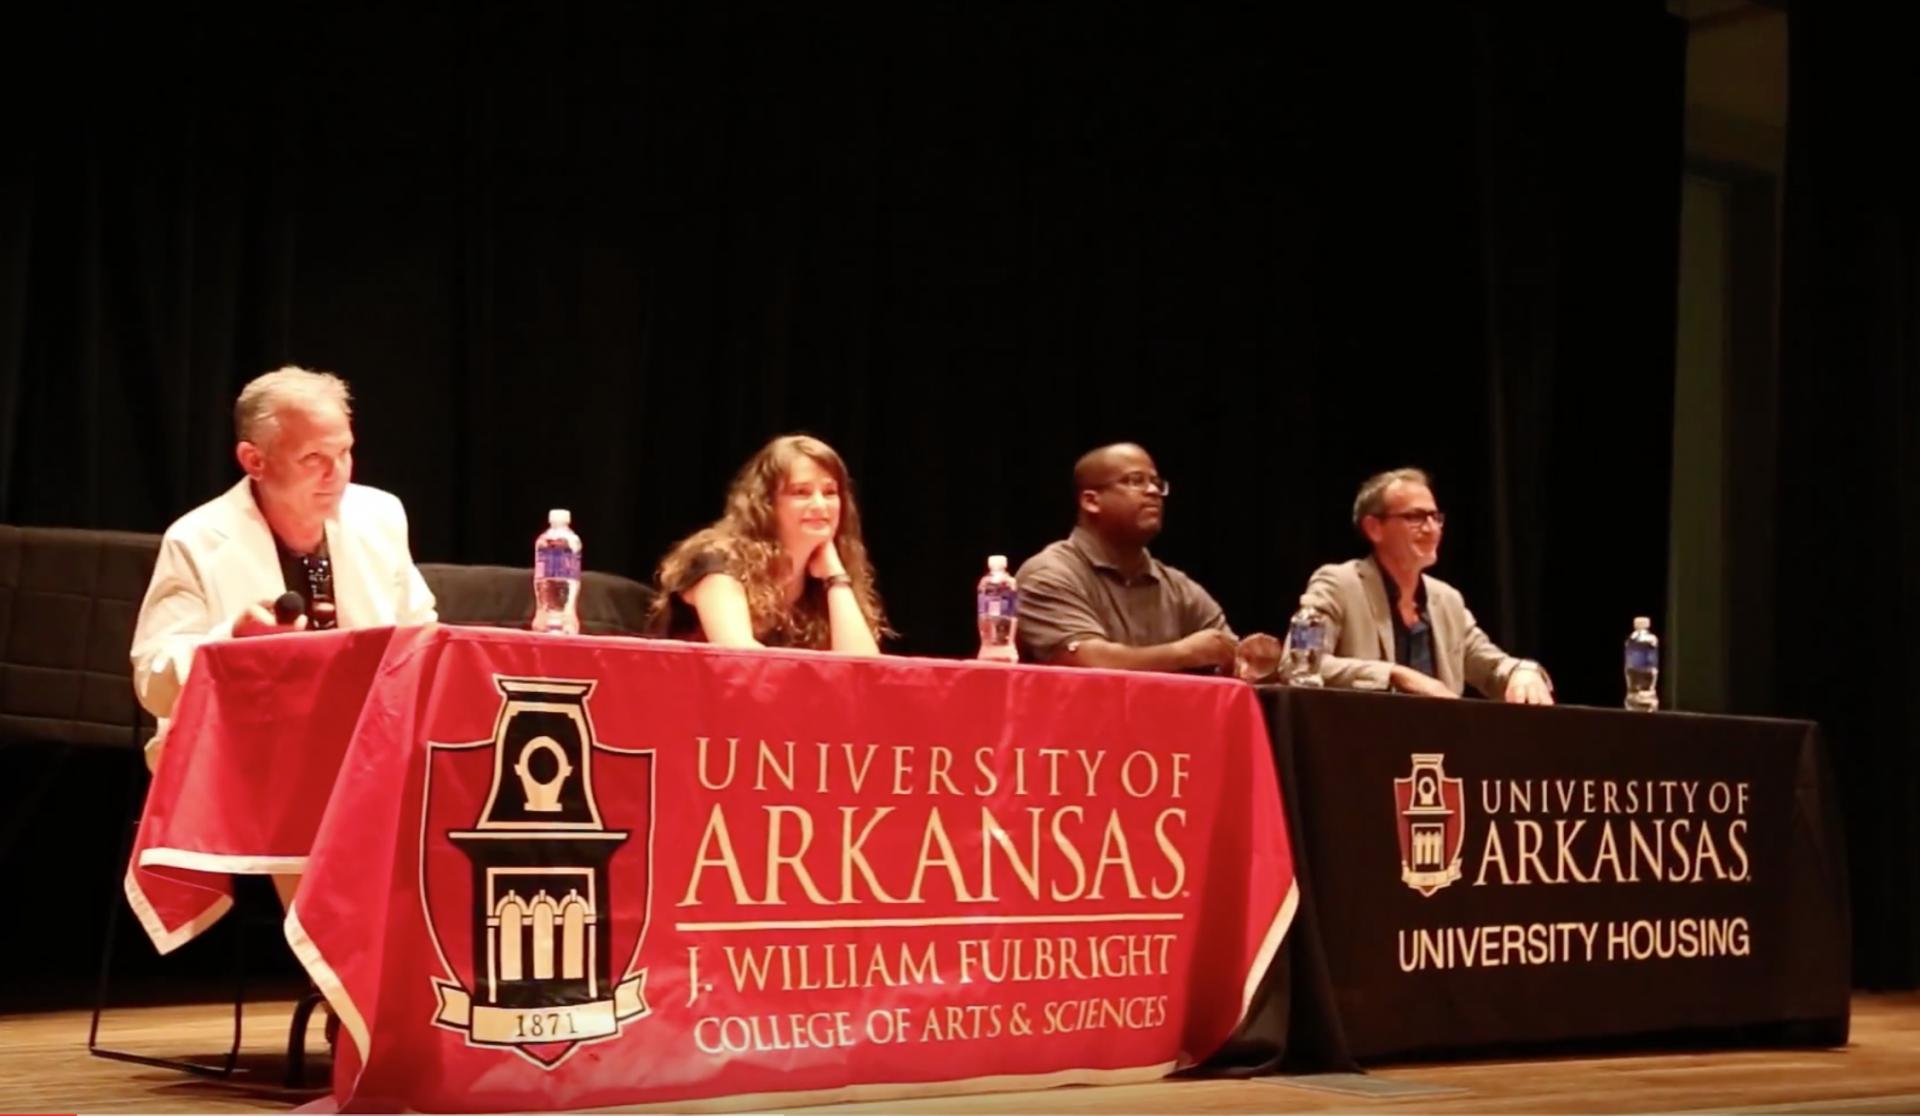 Biology's Ralph Henry 'Saved' During UA Life Raft Debate 2015